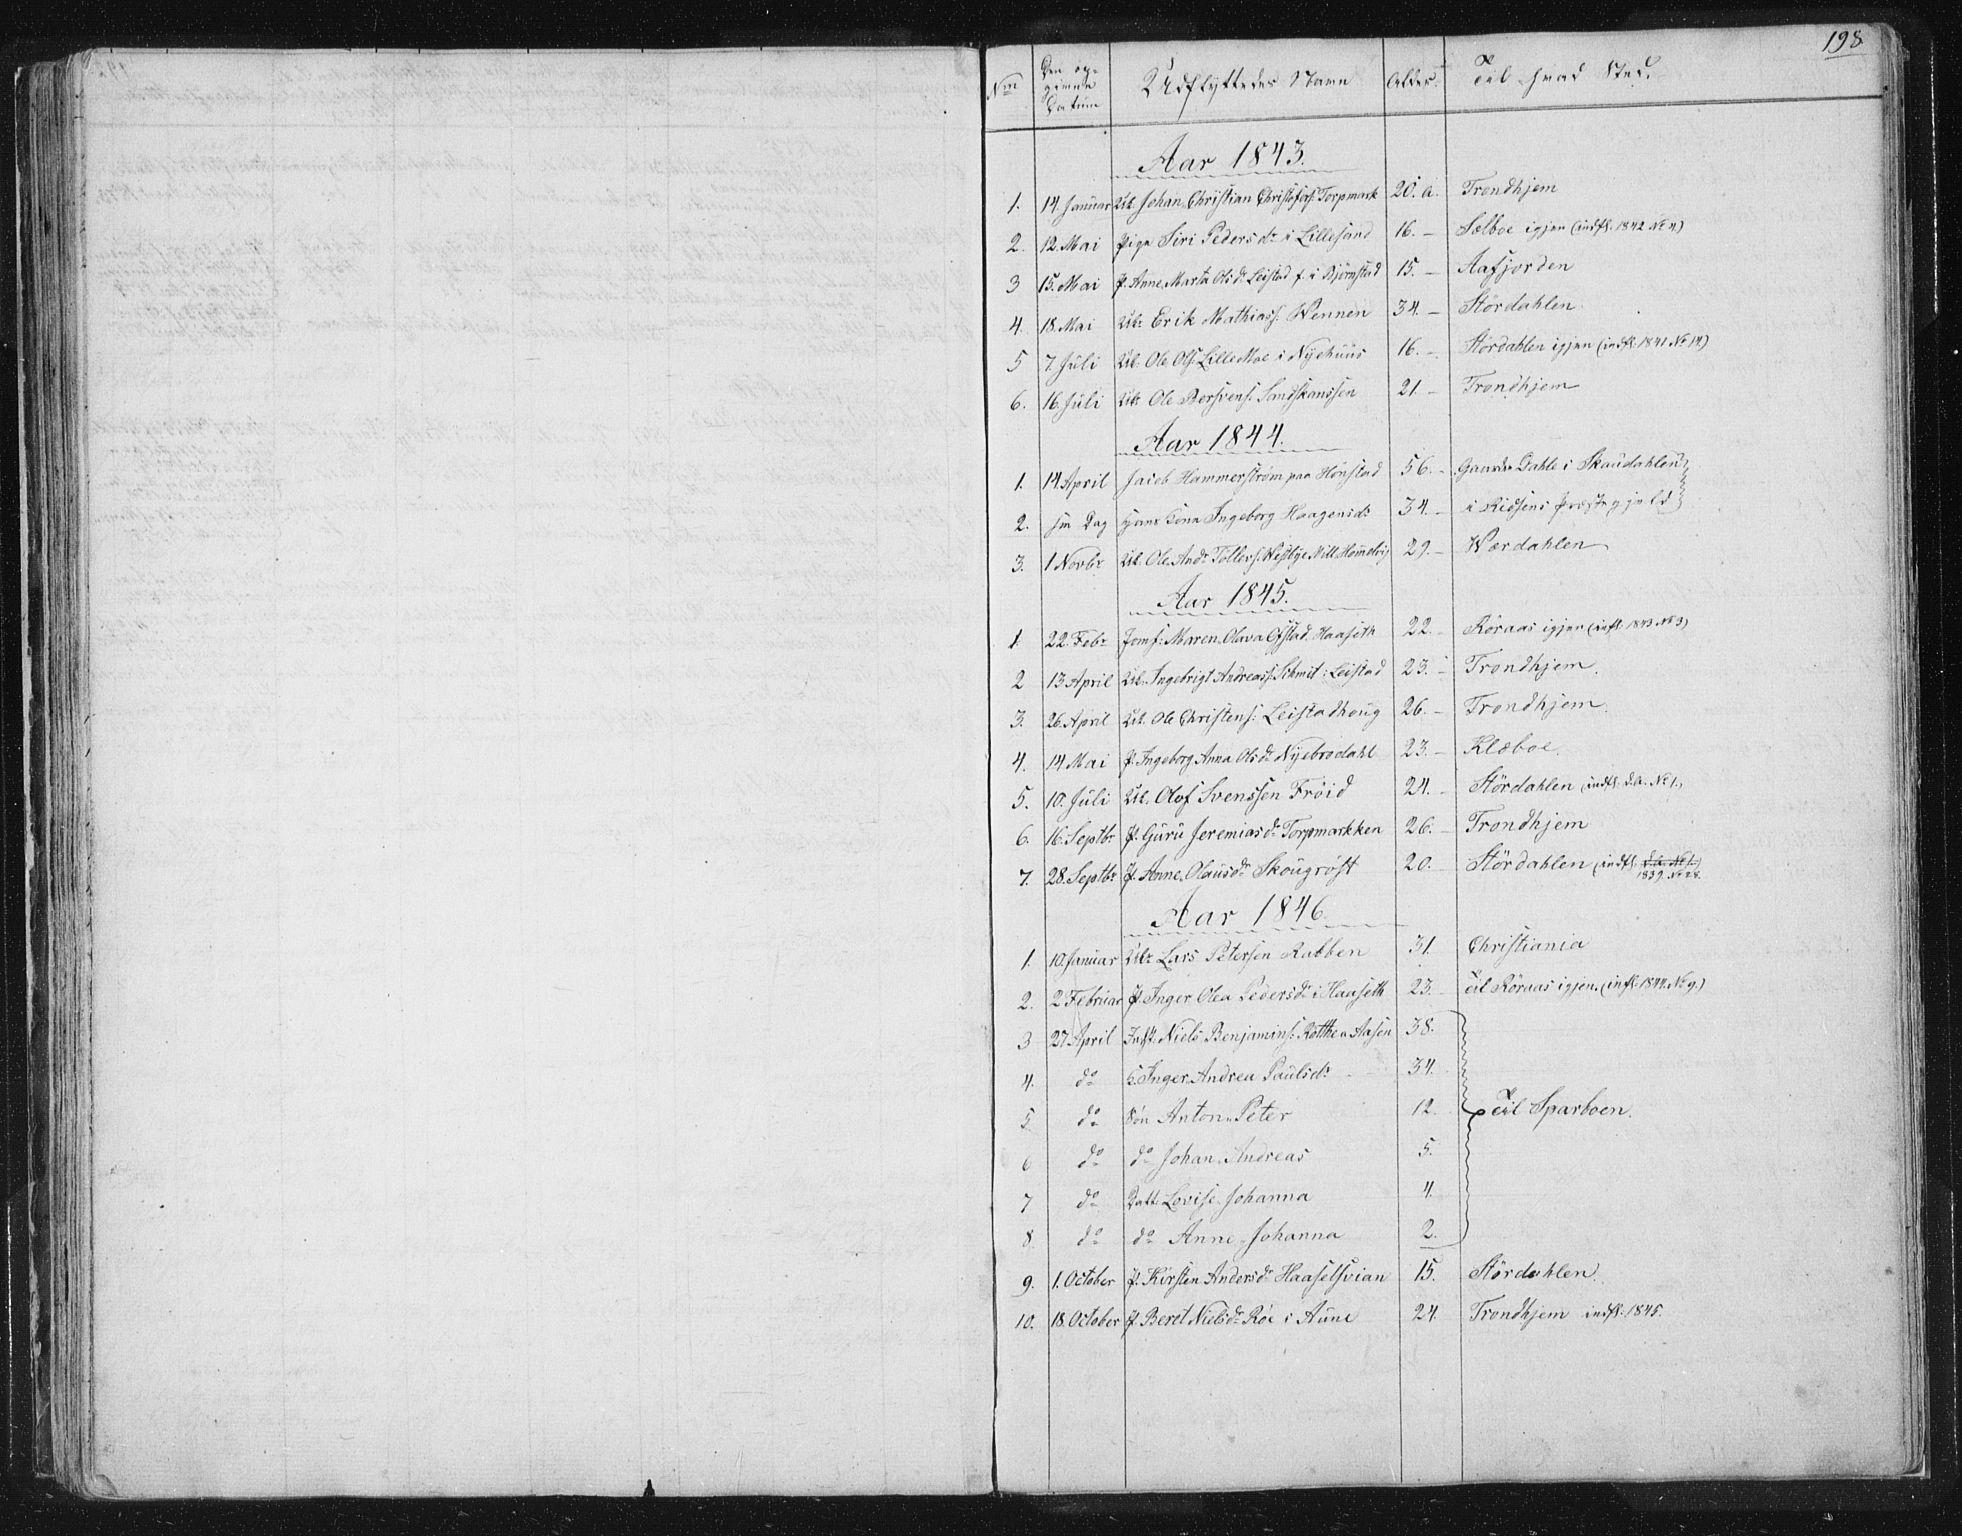 SAT, Ministerialprotokoller, klokkerbøker og fødselsregistre - Sør-Trøndelag, 616/L0406: Ministerialbok nr. 616A03, 1843-1879, s. 198